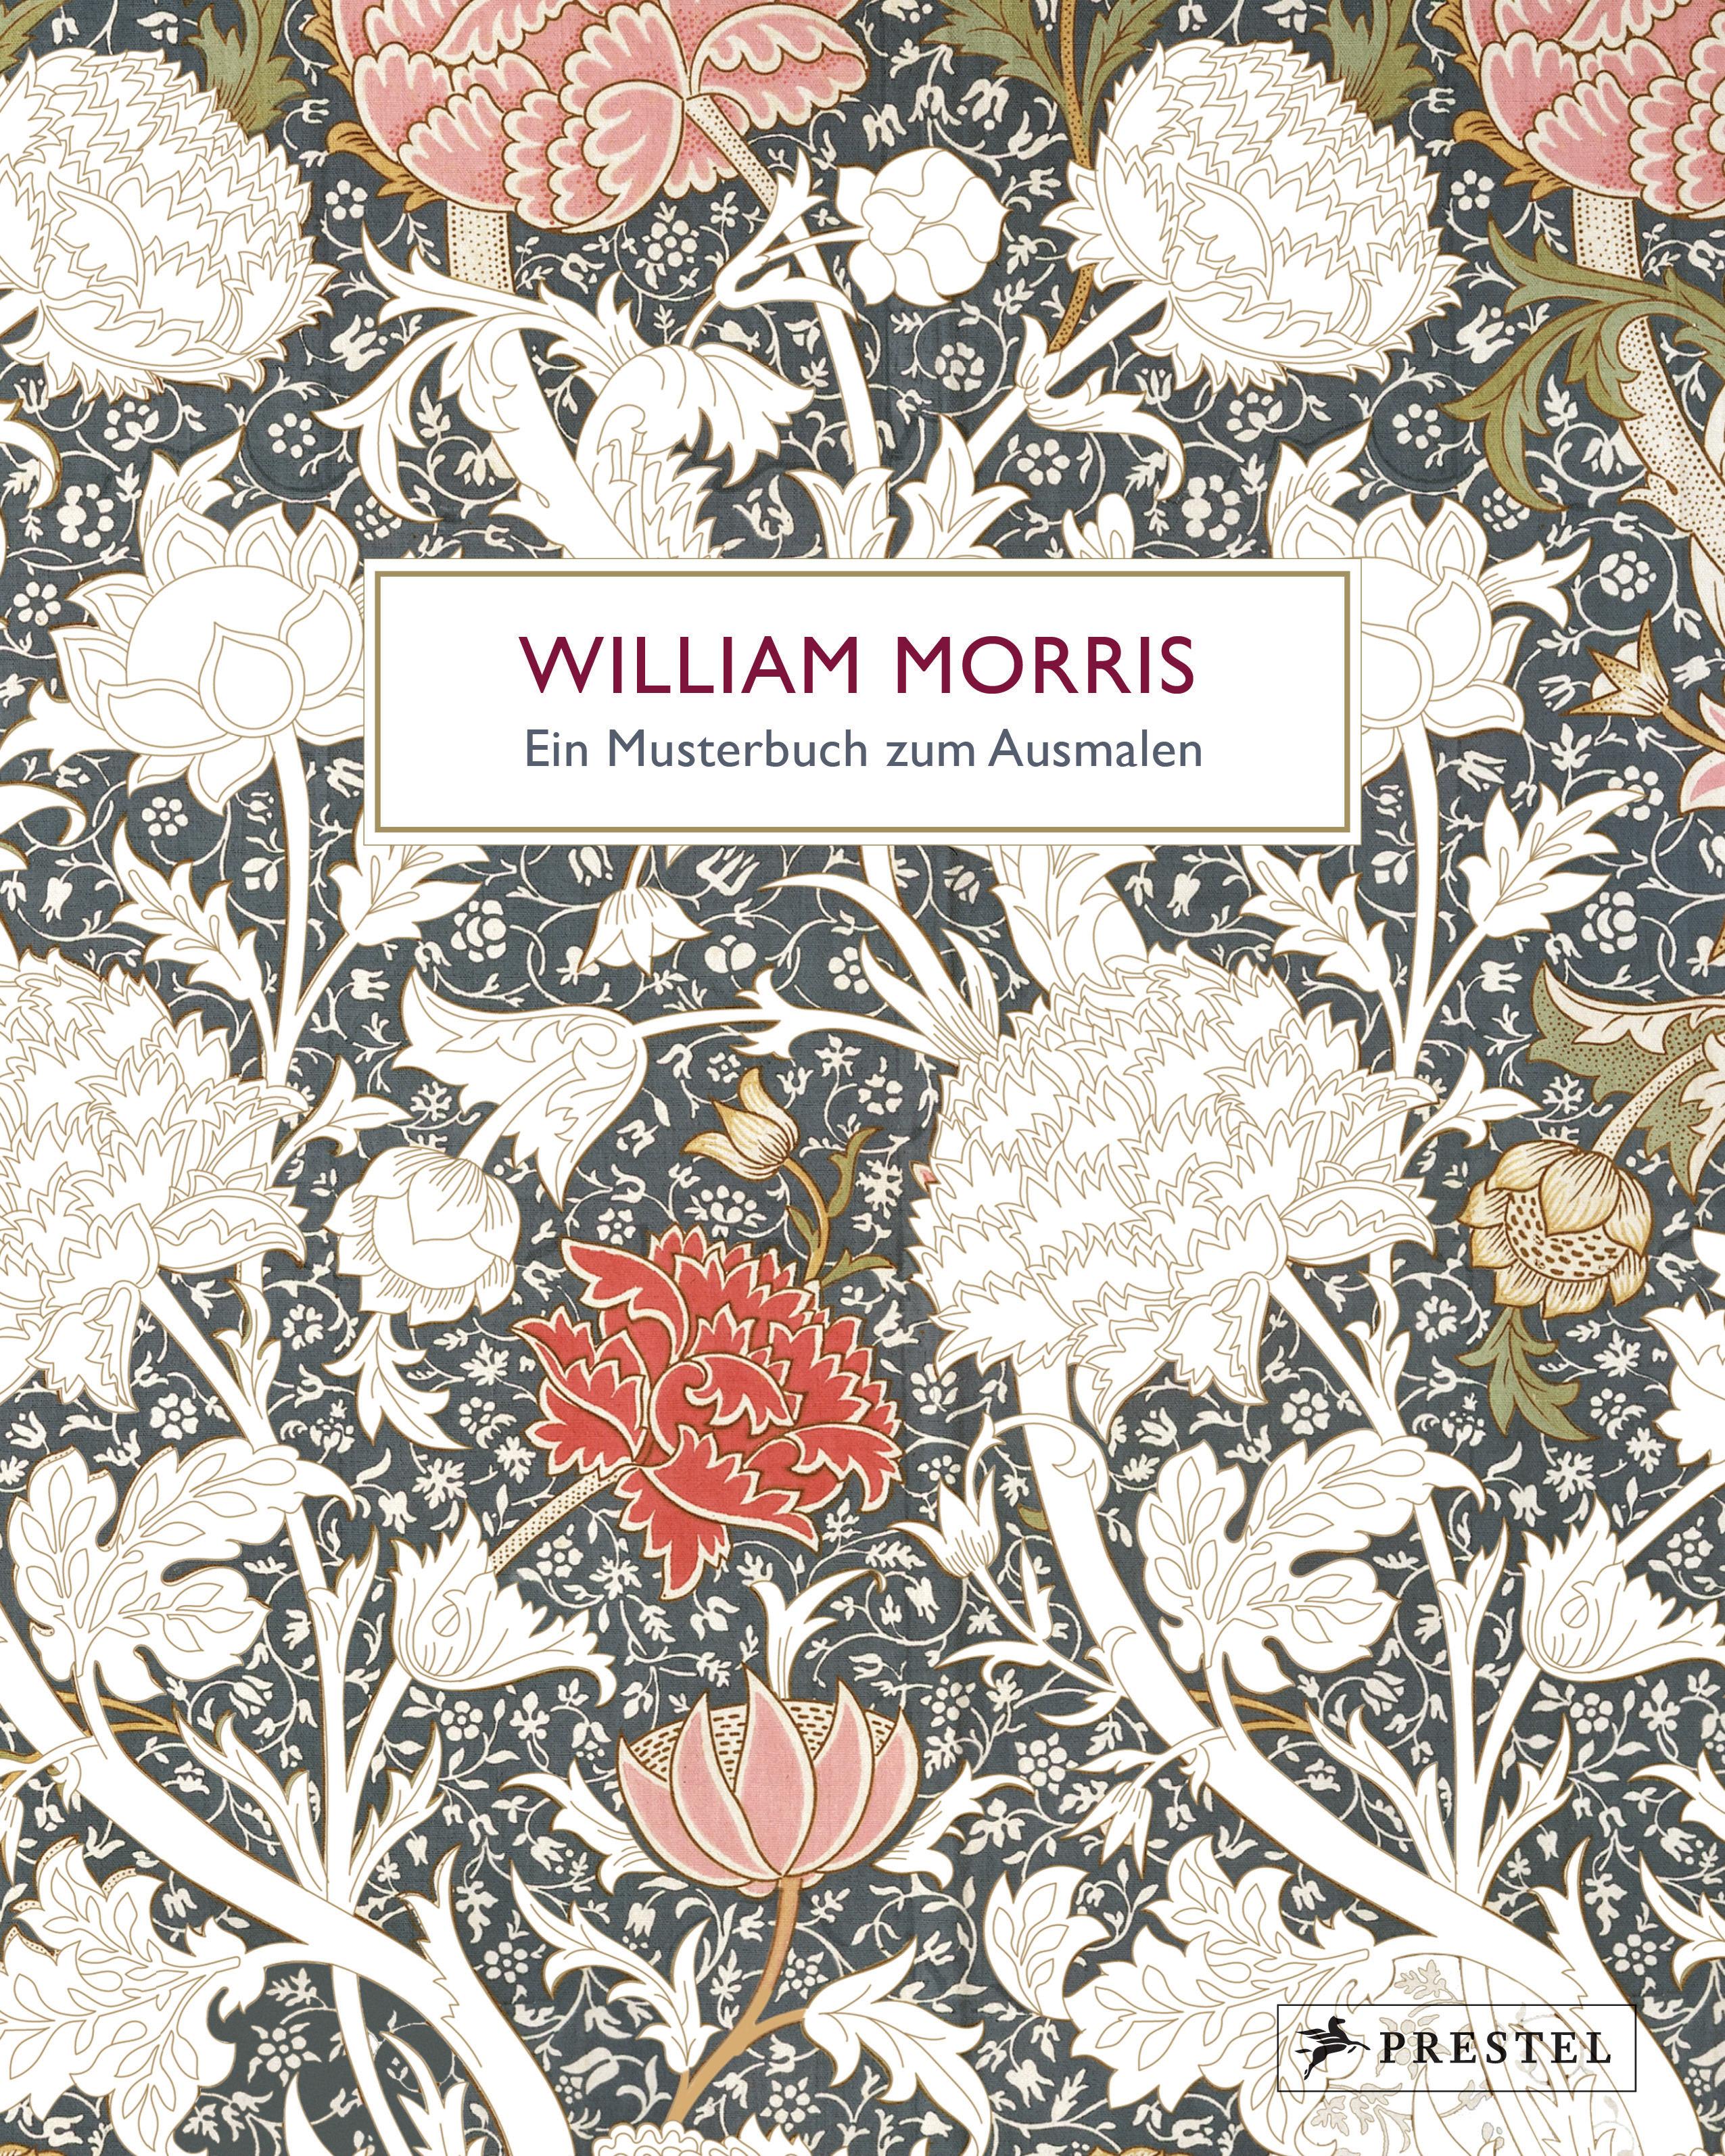 William Morris von : Ein Musterbuch zum Ausmalen